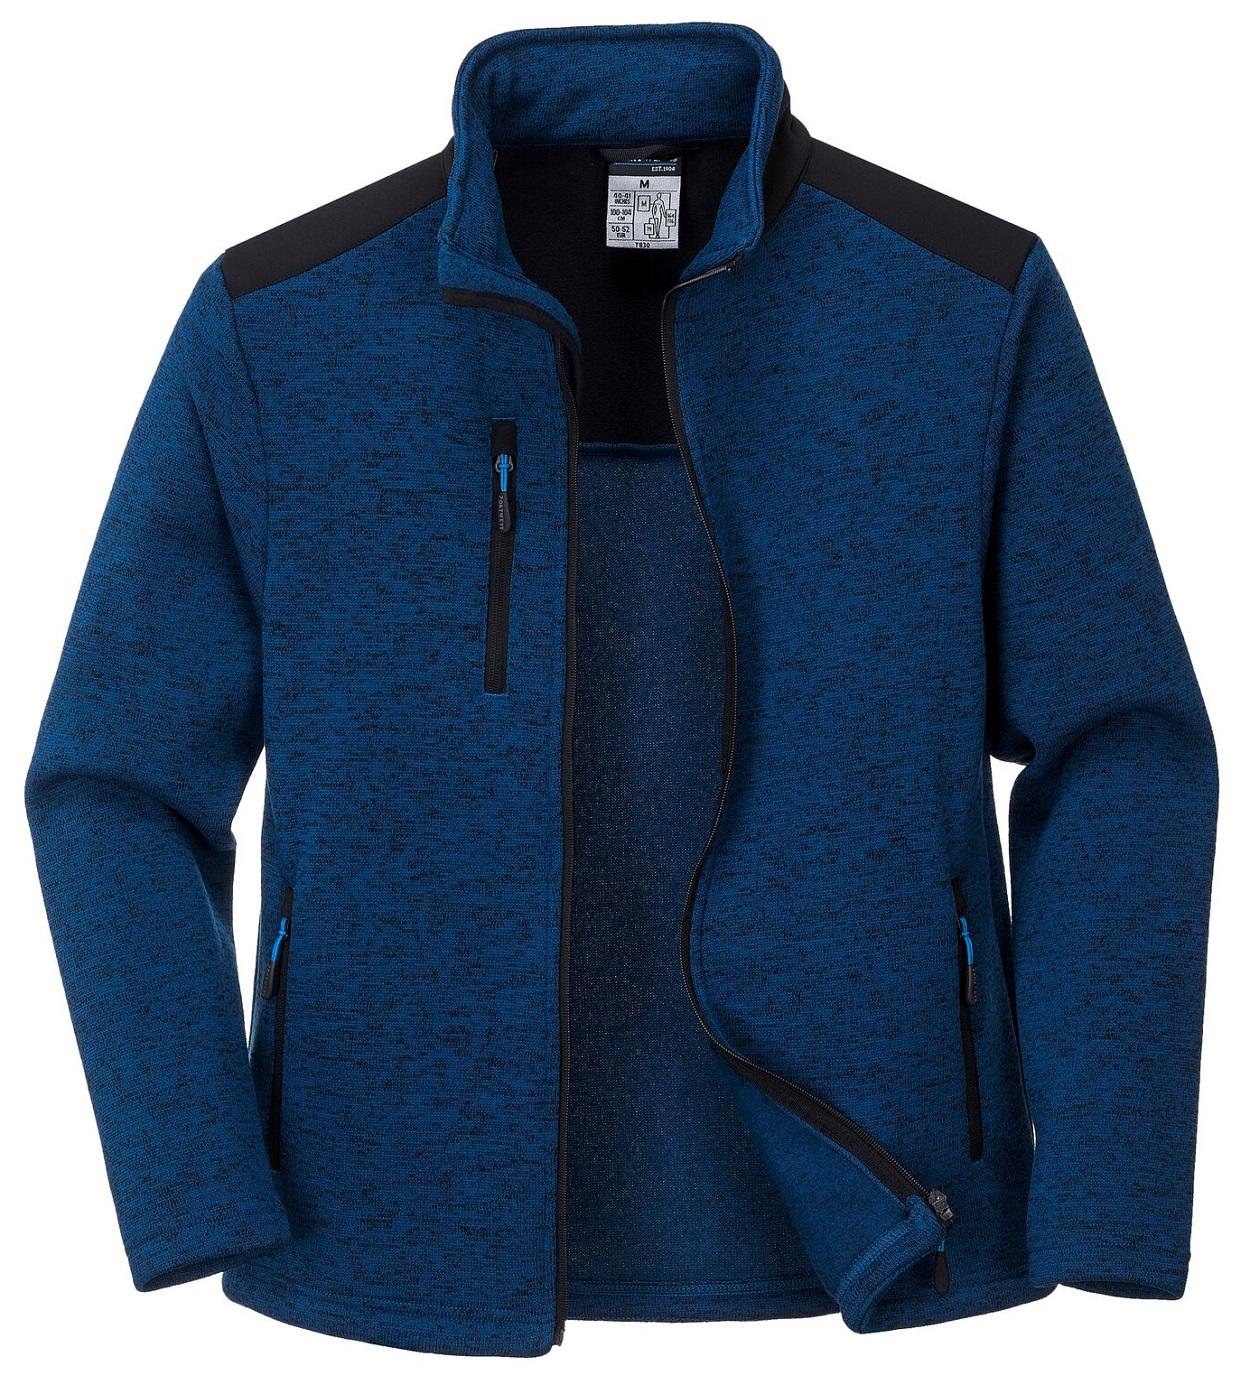 t830-persian blue 3